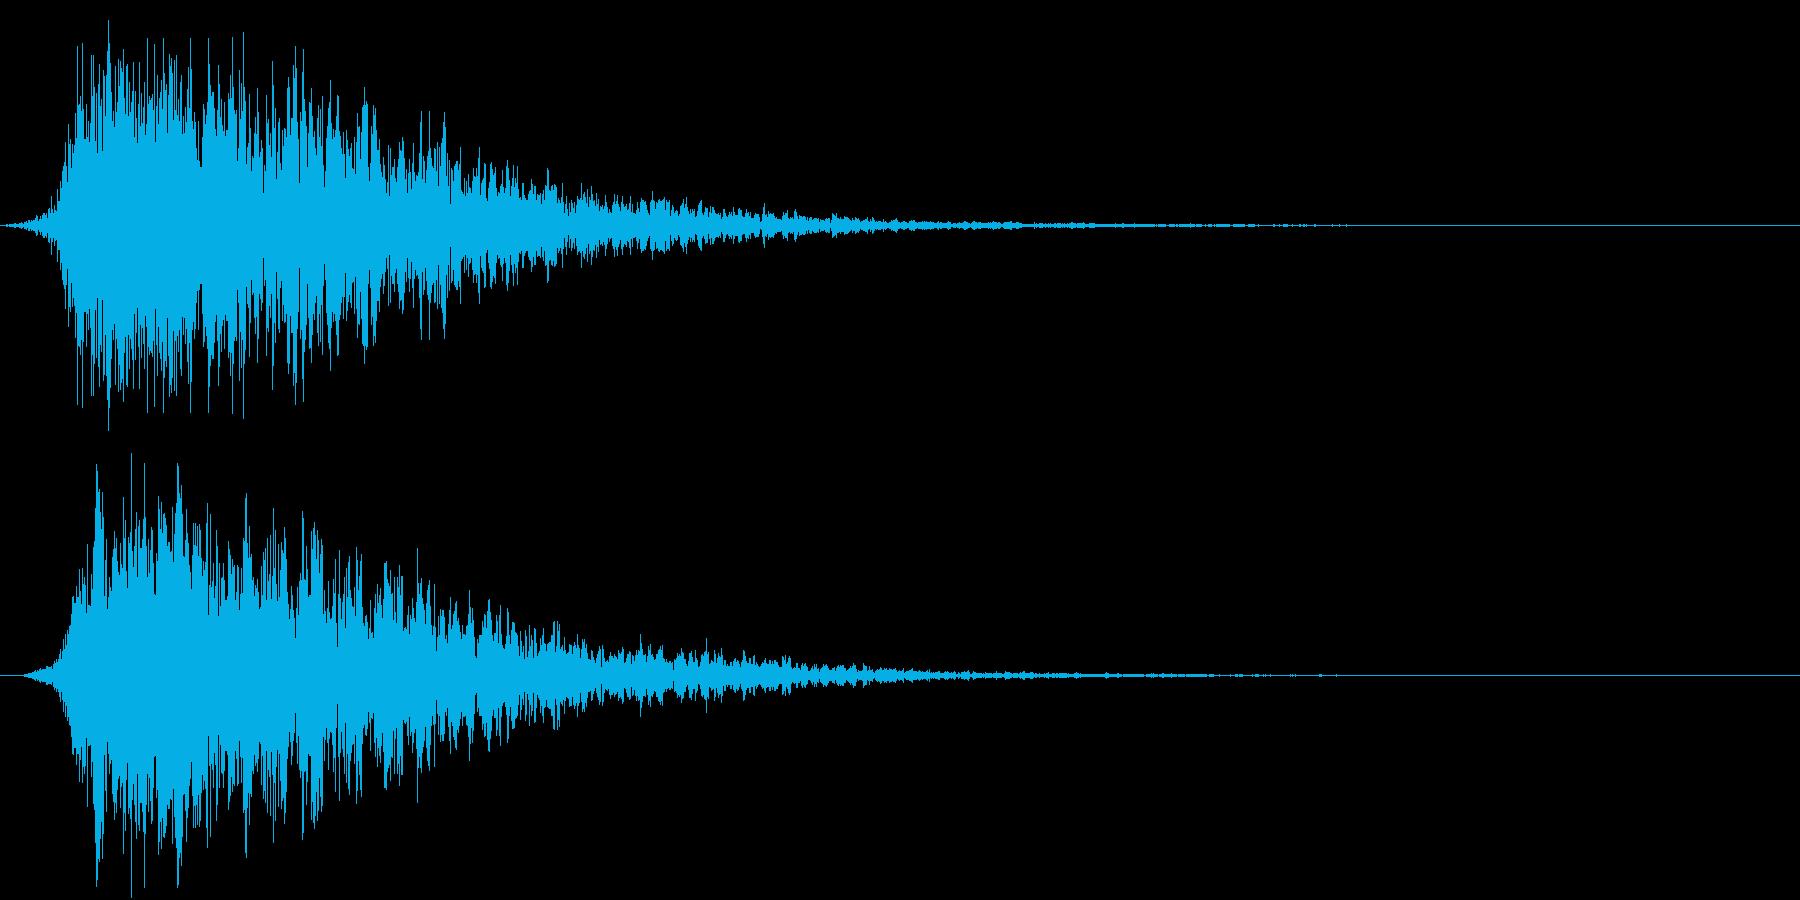 SFX 地獄の呻き声を連想させるPADの再生済みの波形